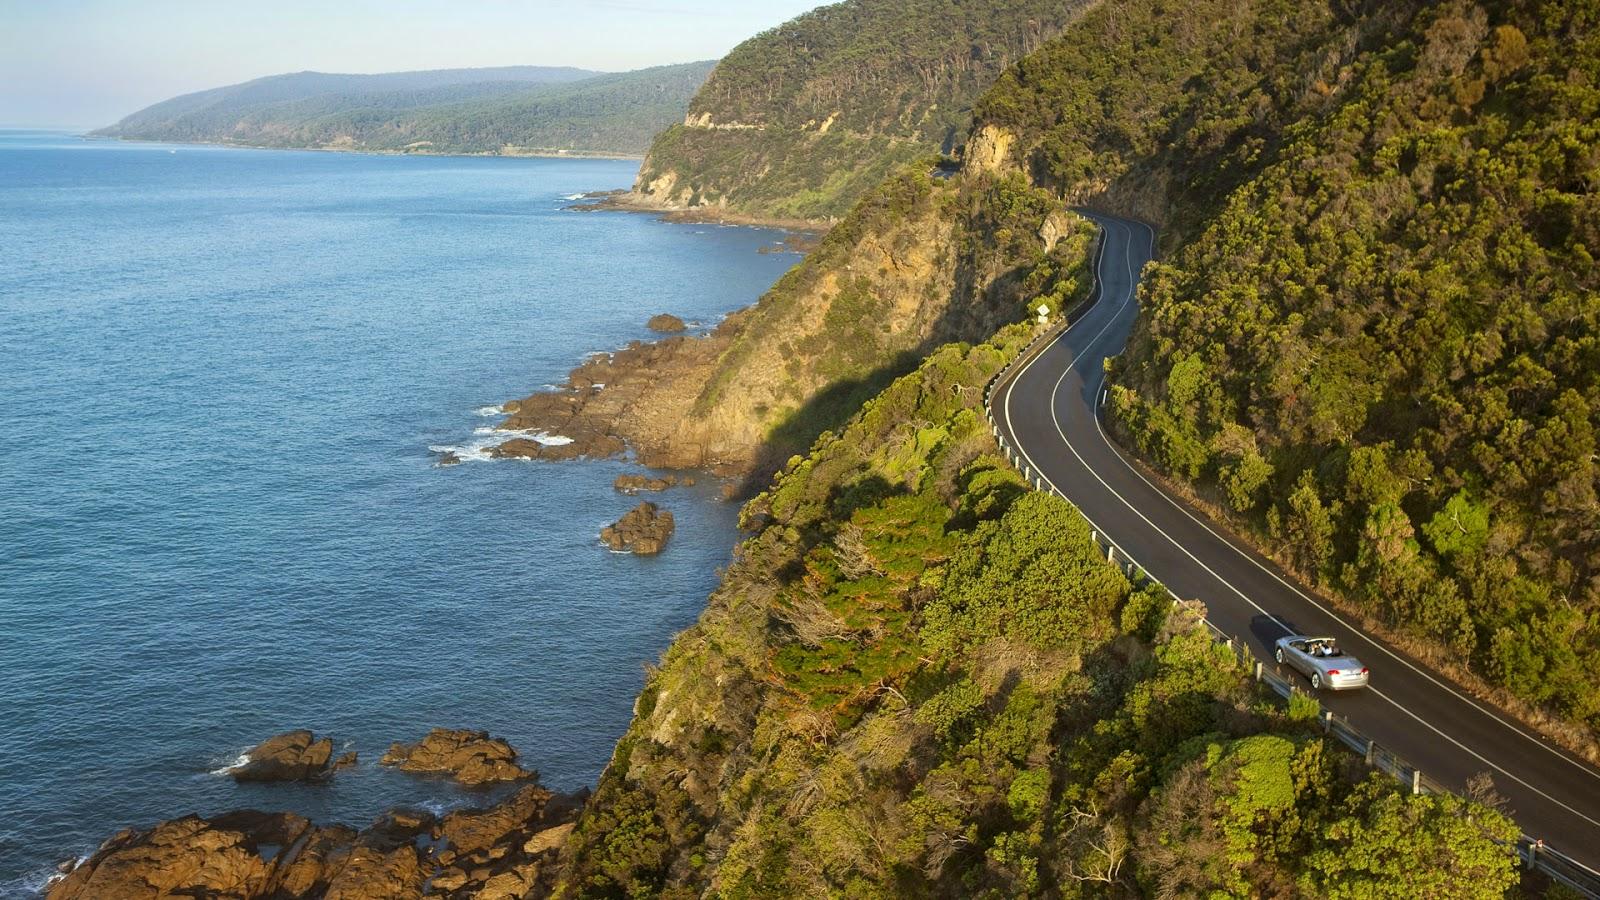 Objek Wisata Di Australia Yang Terkenal Dan Wajib Dikunjungi